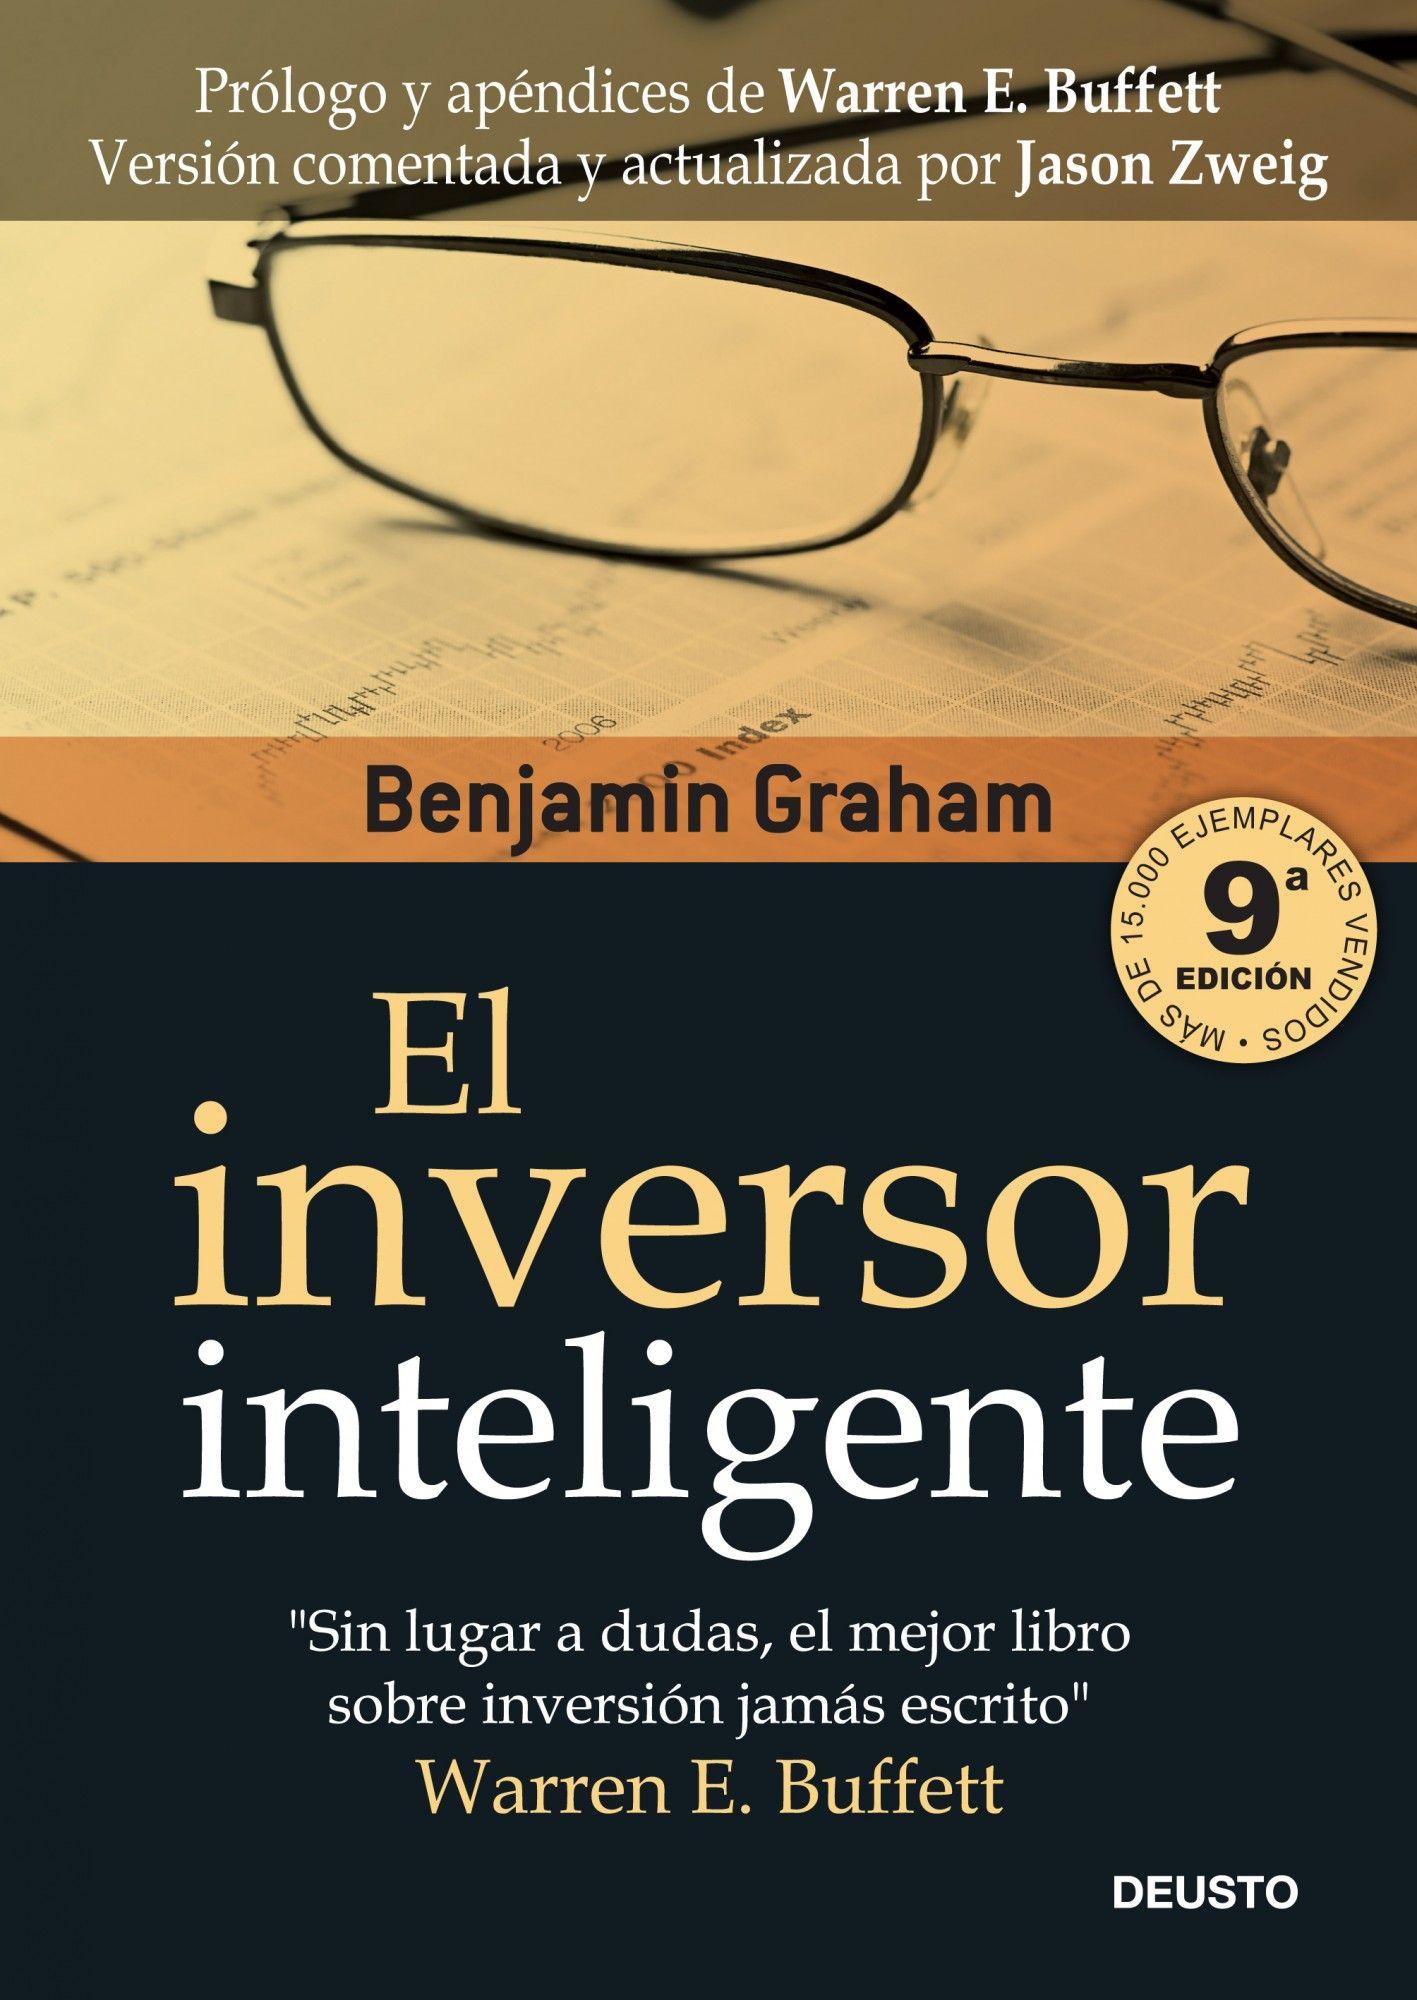 En este libro present su filosof a sentando la base te rica y los fundamentos del concepto des value investing que se convirti